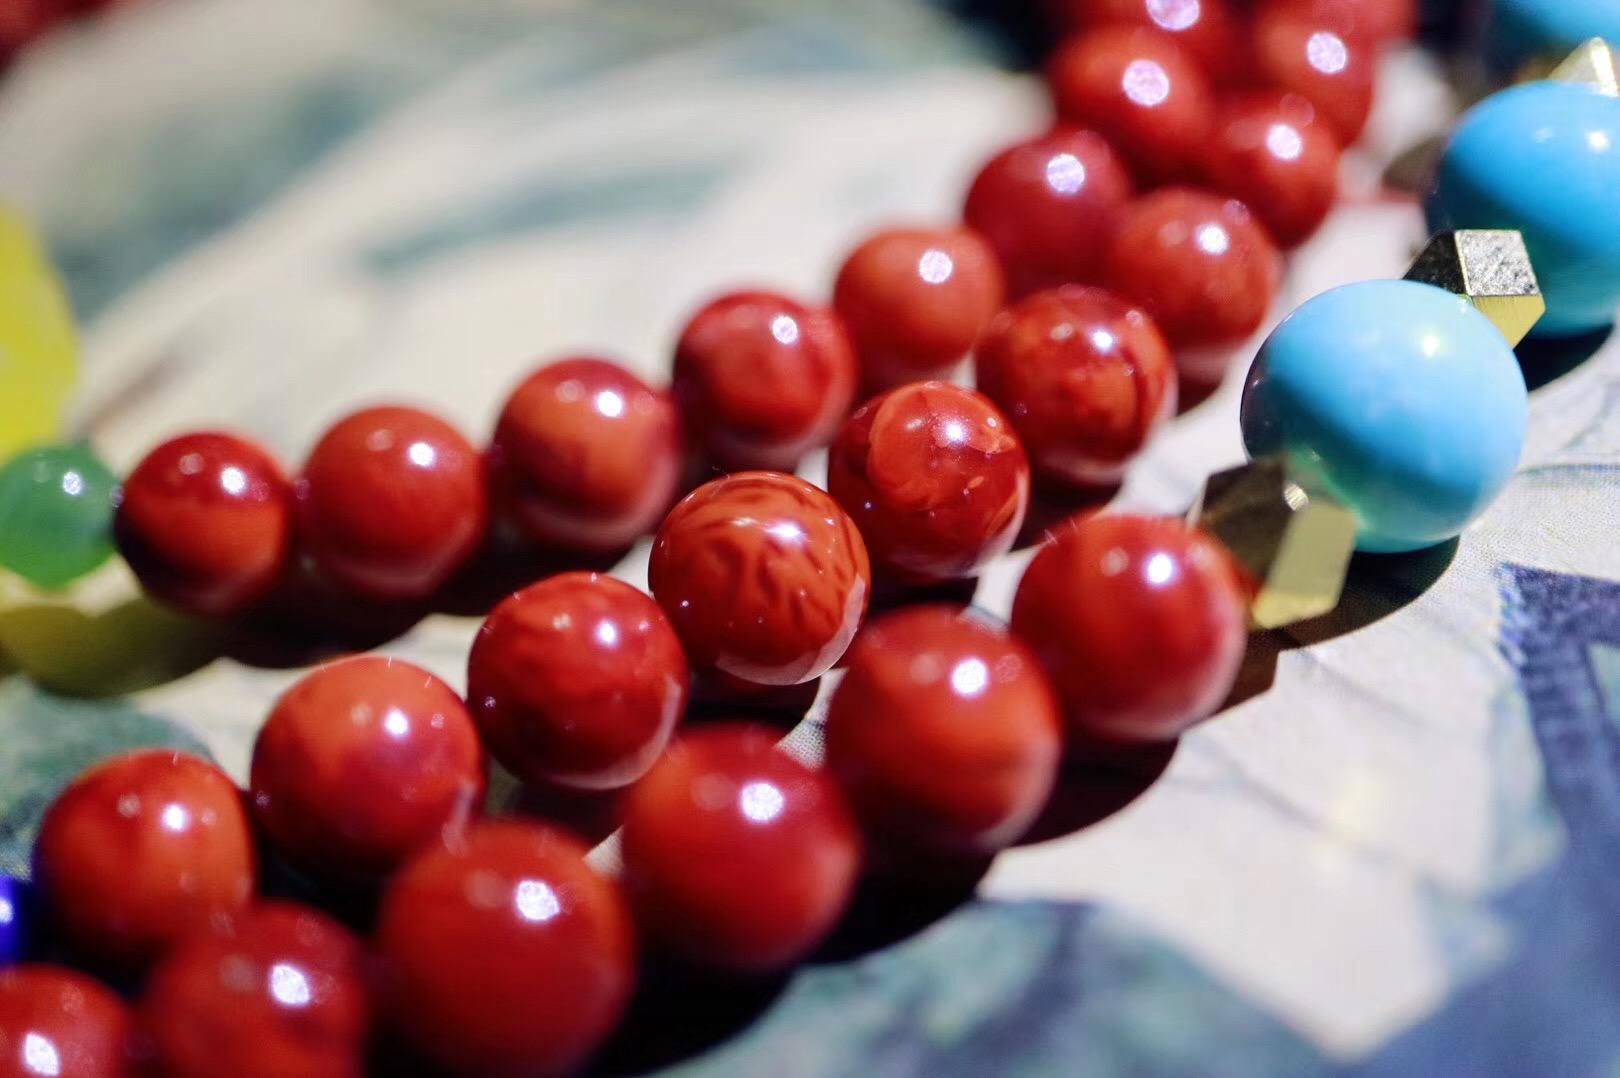 【南红玛瑙】南红火焰纹设计款,手链项链两用,望能入你心上~~-菩心晶舍